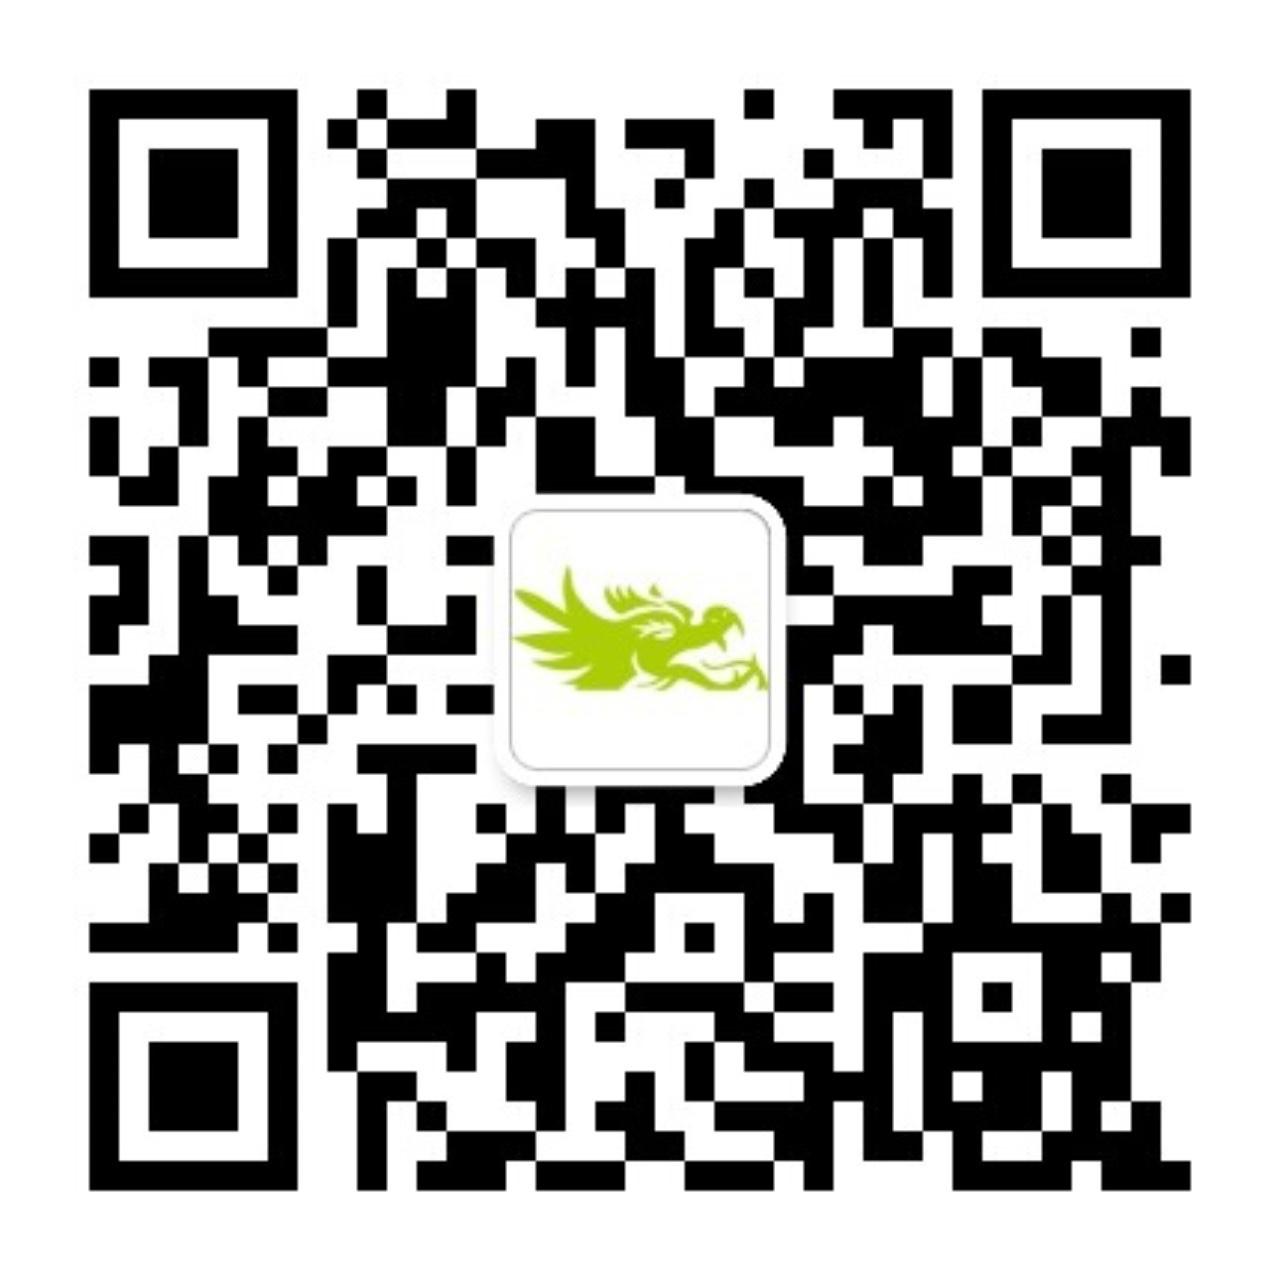 8fb624ac0488e275ec94d971234a2574_